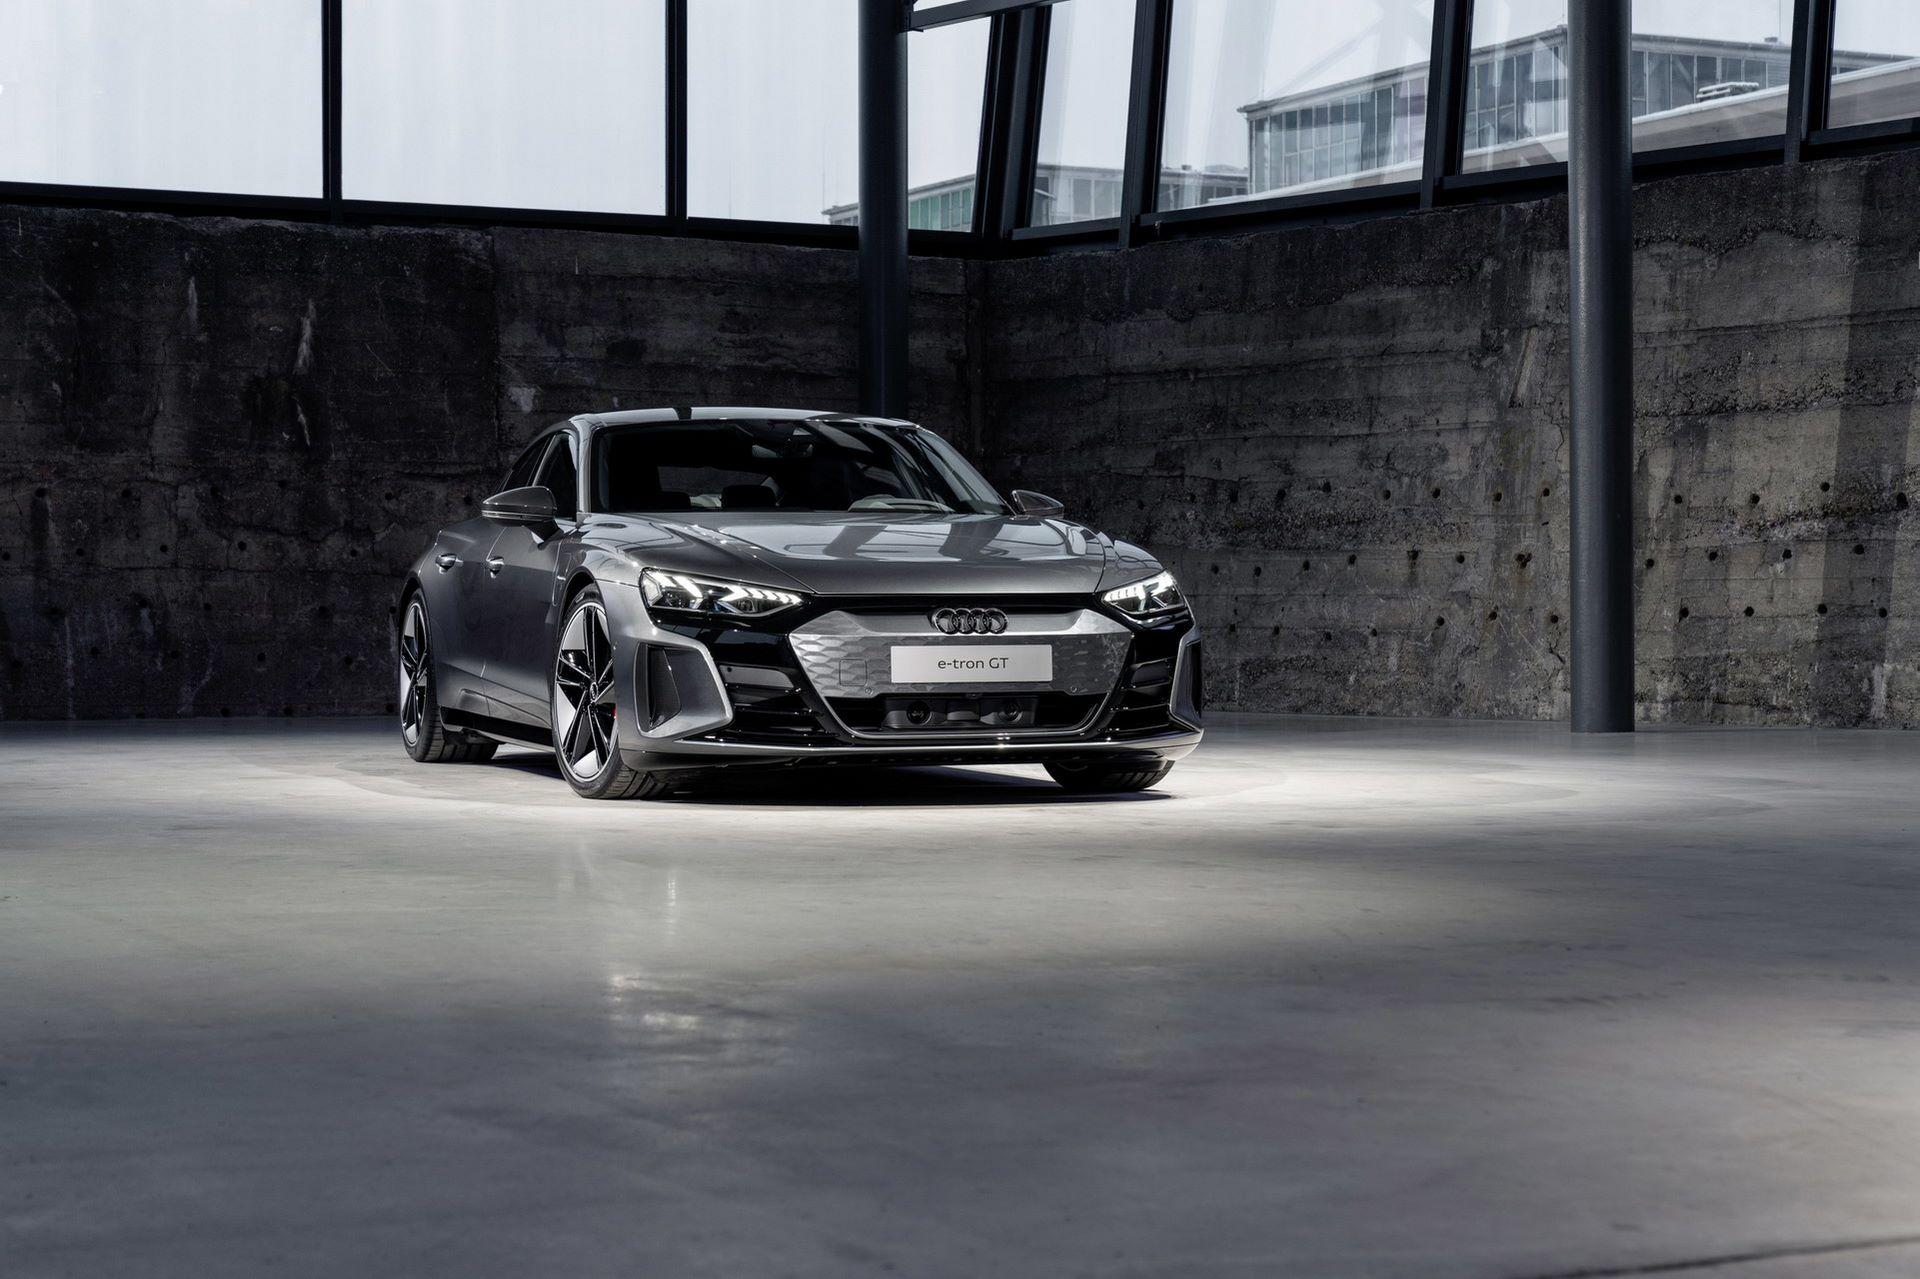 1_2022-Audi-e-tron-GT-24